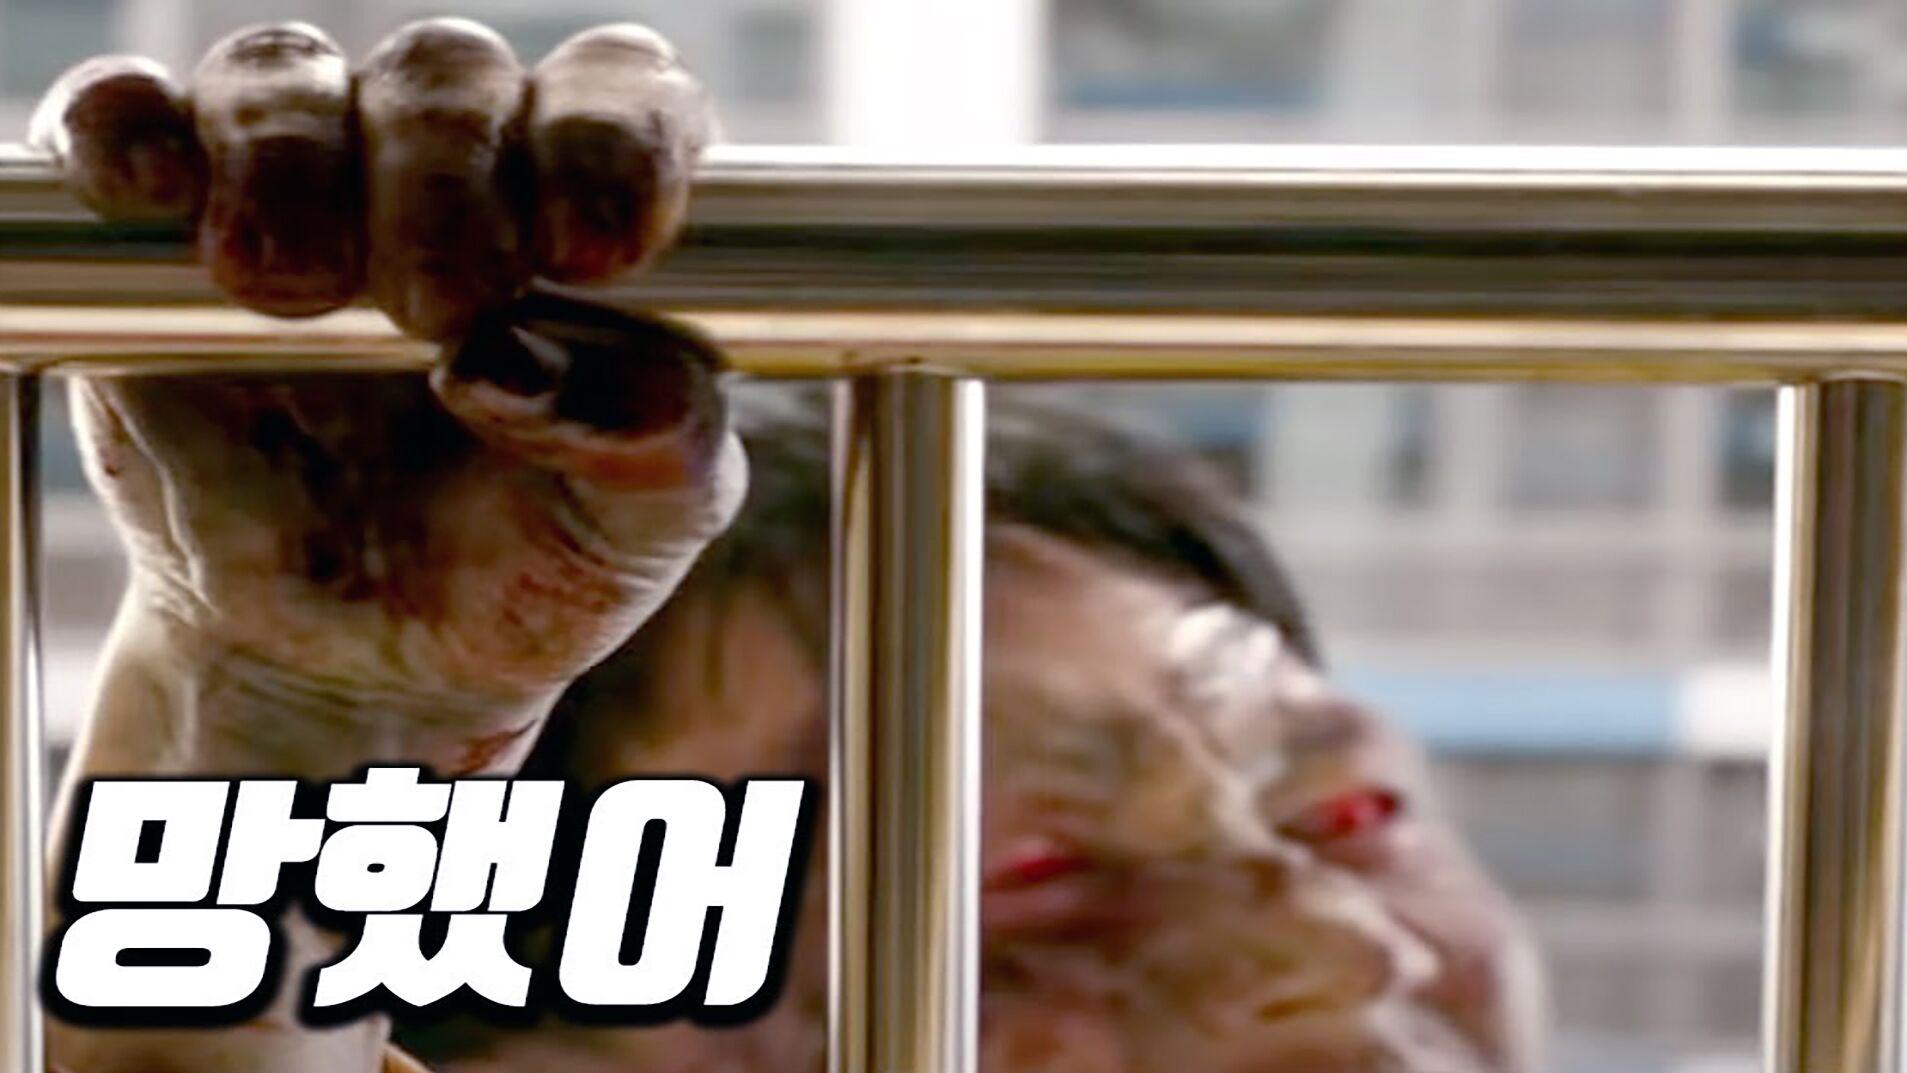 《活着》2020最新丧尸电影。继釜山行后,韩国又爆发了丧尸狂潮